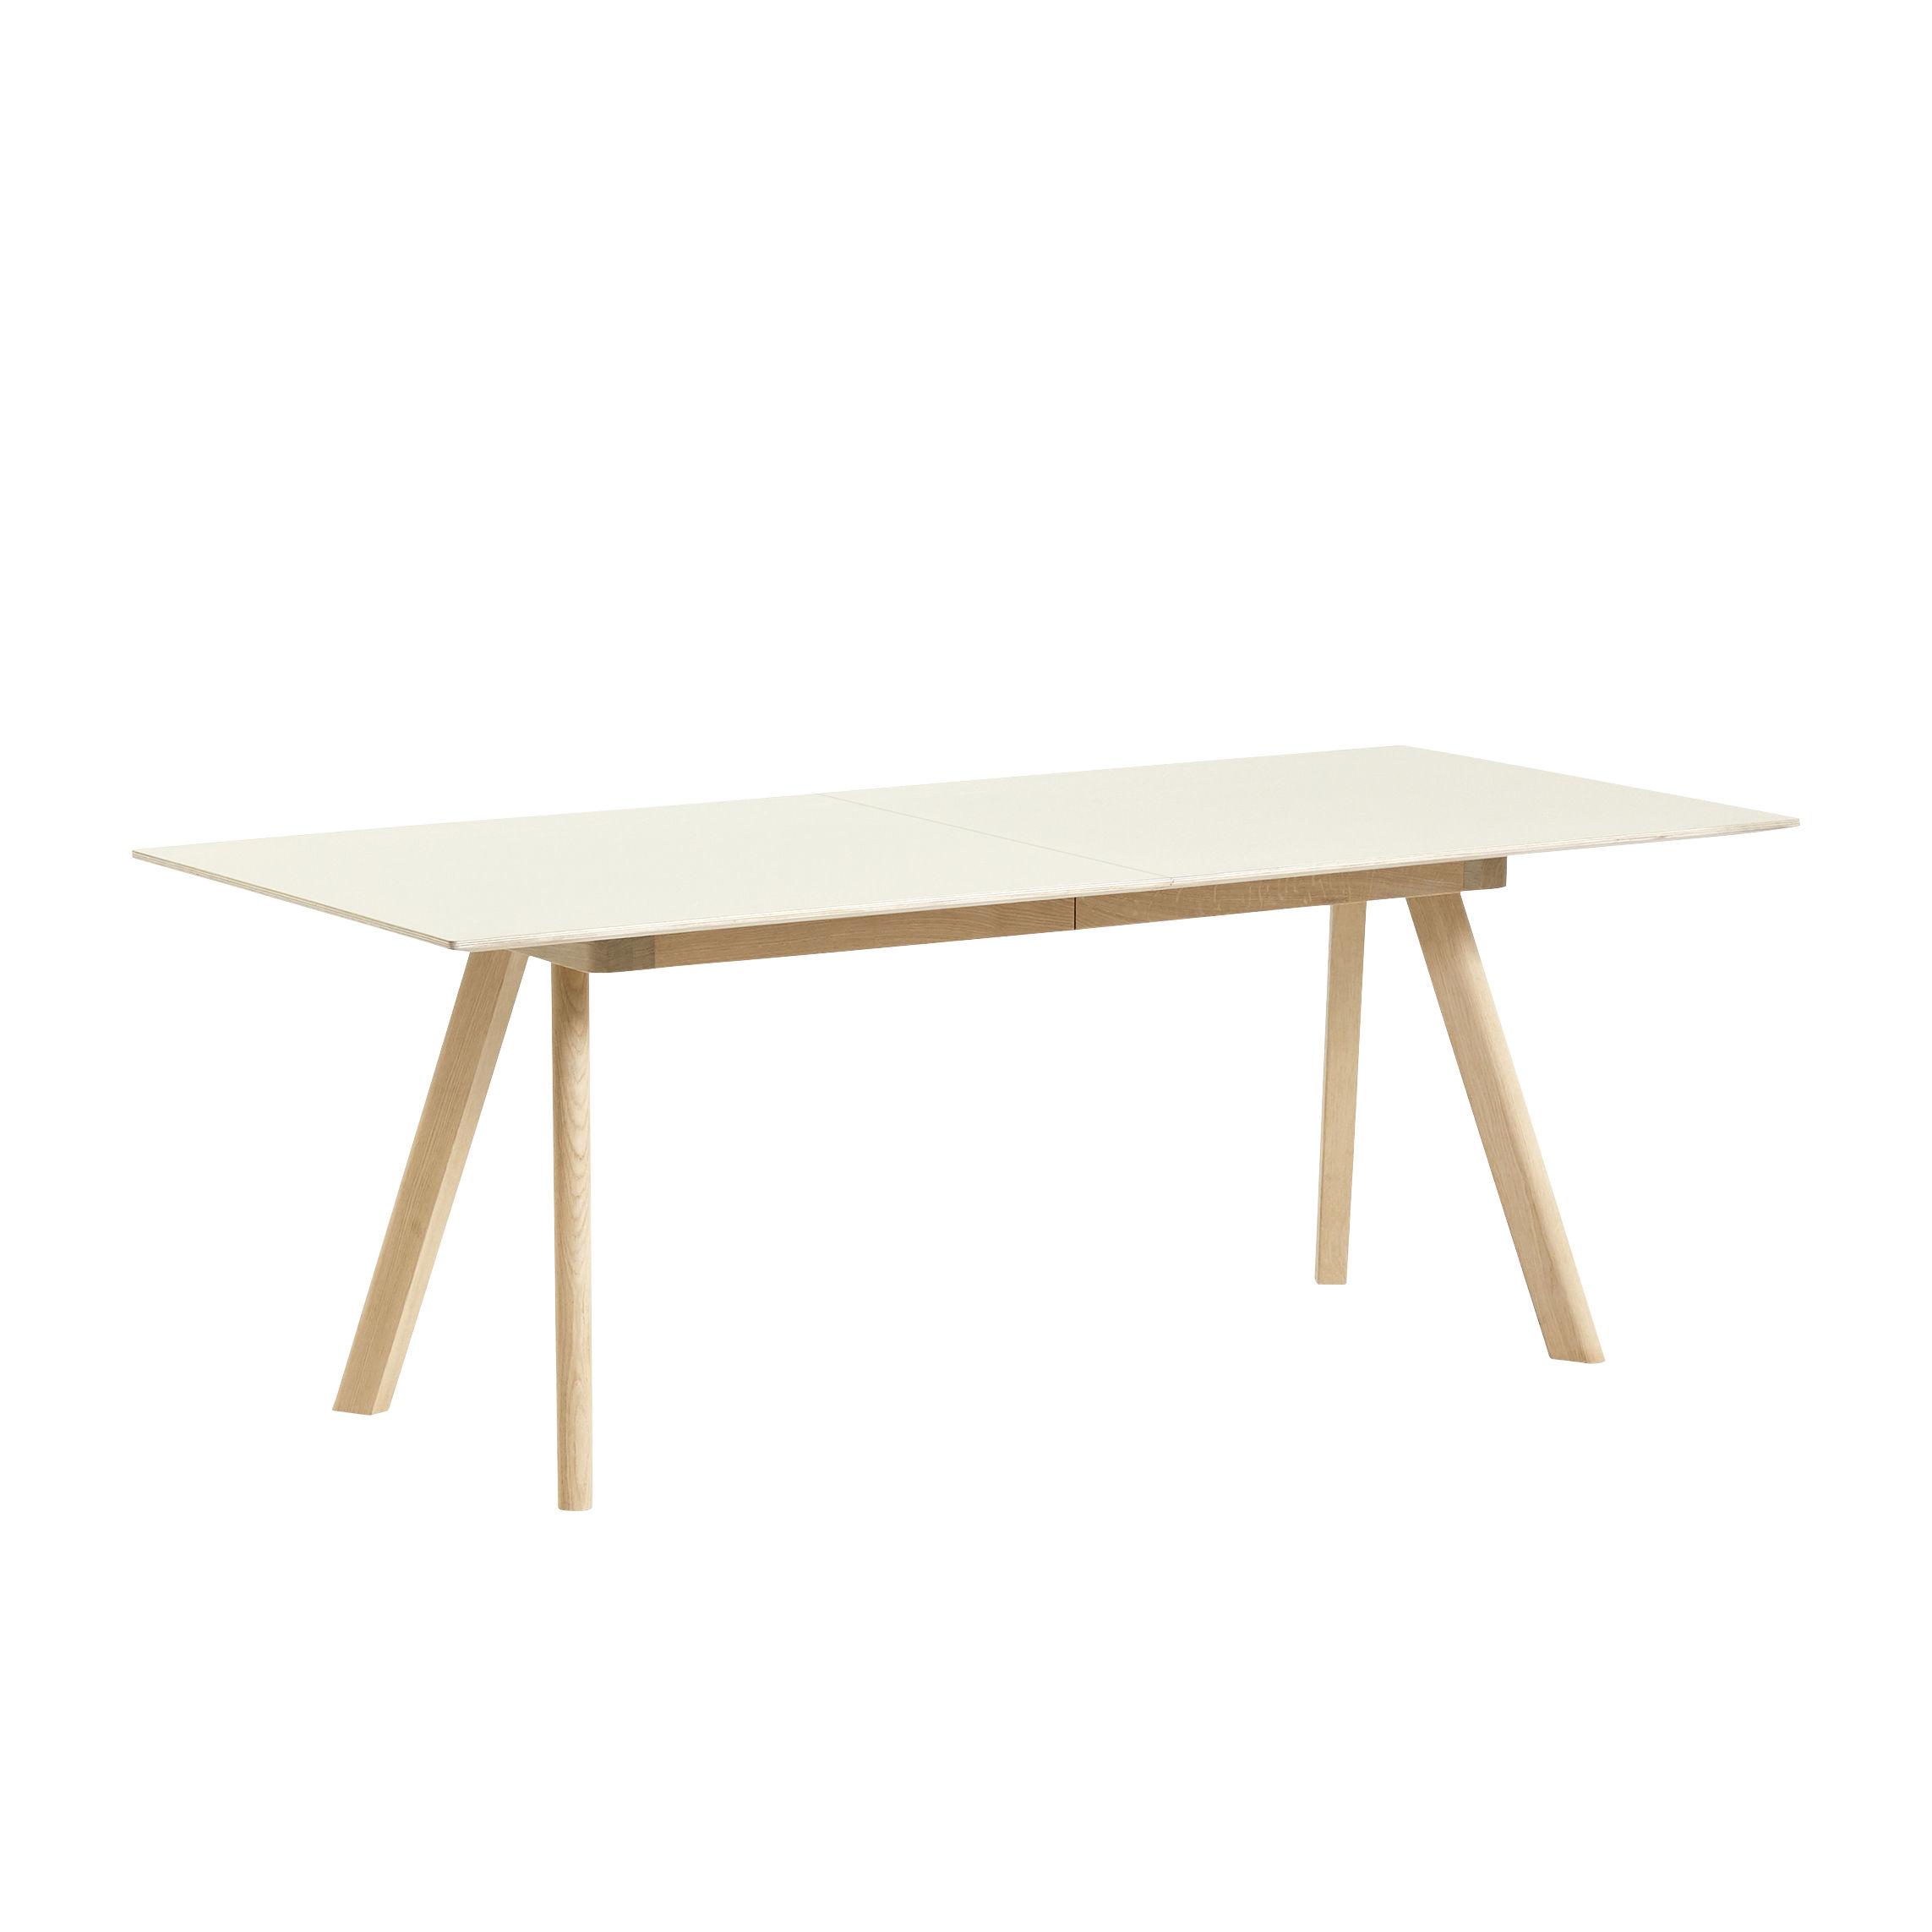 Tendances - Bien chez soi - Table extensible CPH 30 / L 200 à 400 x larg. 90 cm - Linoleum - Hay - Lino Blanc cassé / Piètement chêne - Chêne massif, Contreplaqué, Linoléum